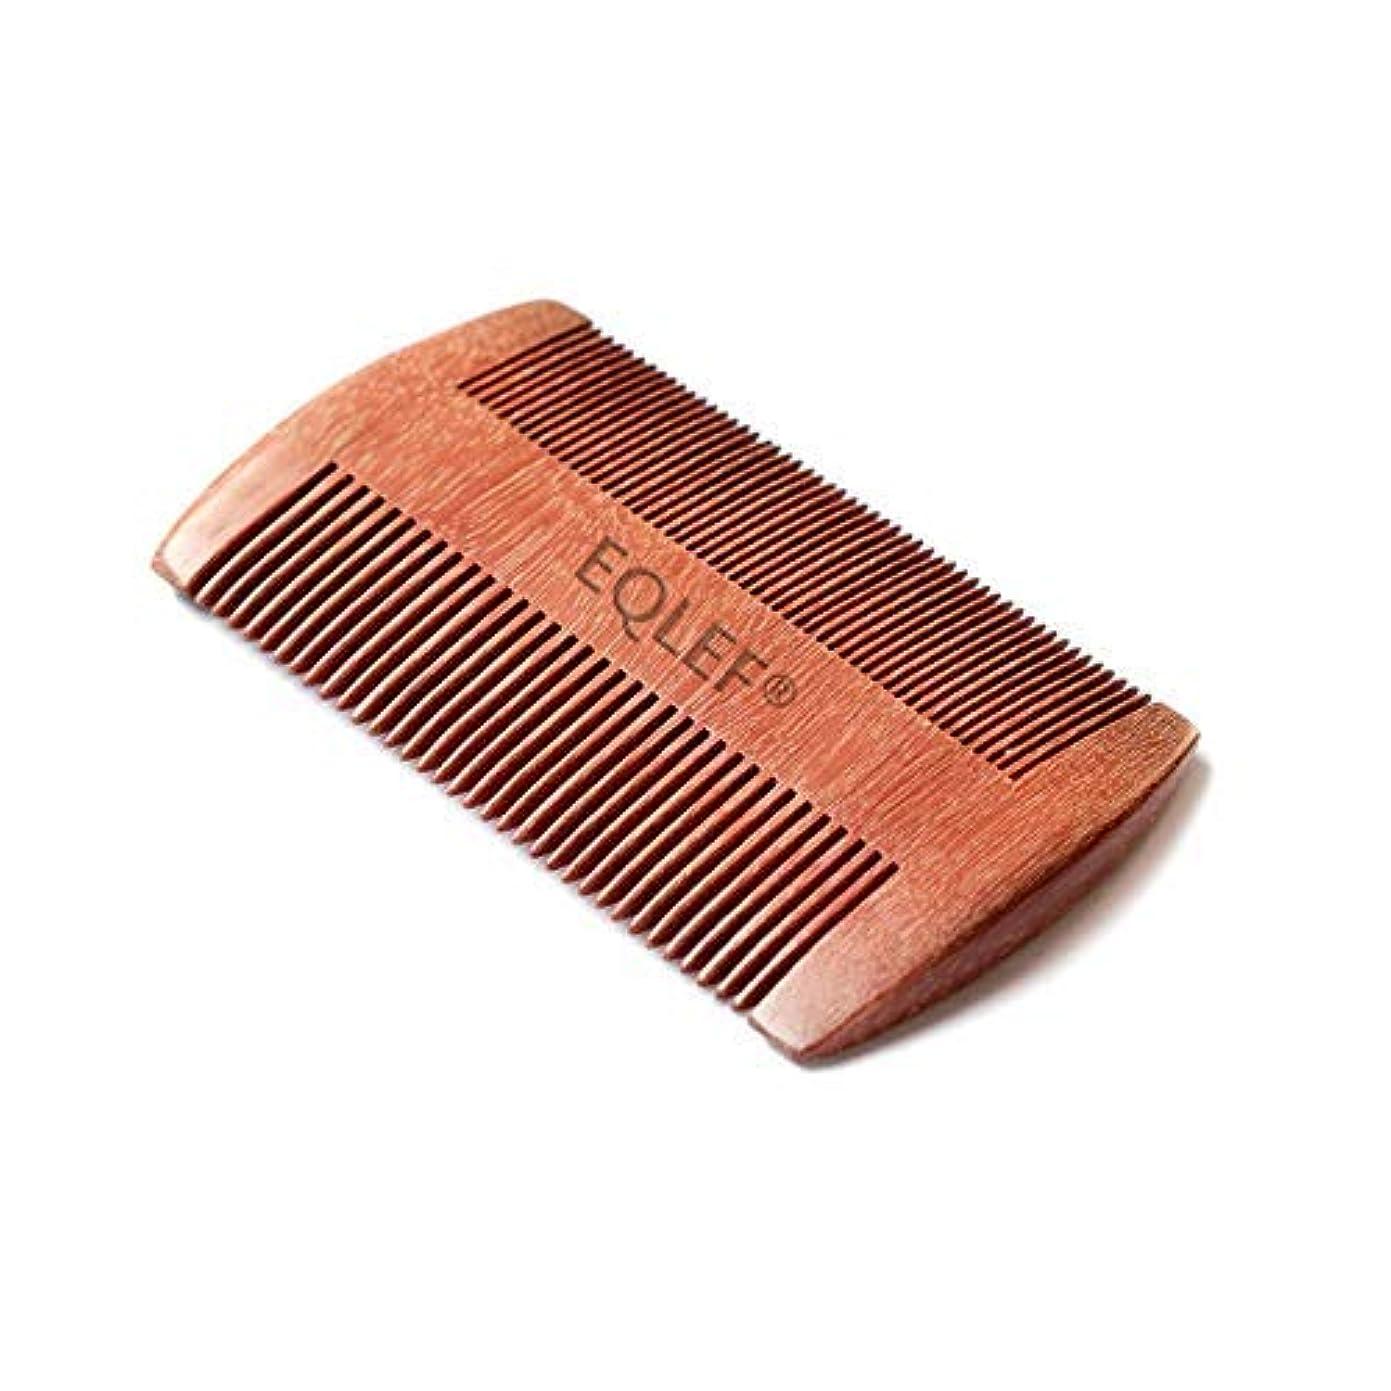 バンテザー理想的にはEQLEF? Red sandalwood no static handmade comb, Pocket comb (beard) [並行輸入品]